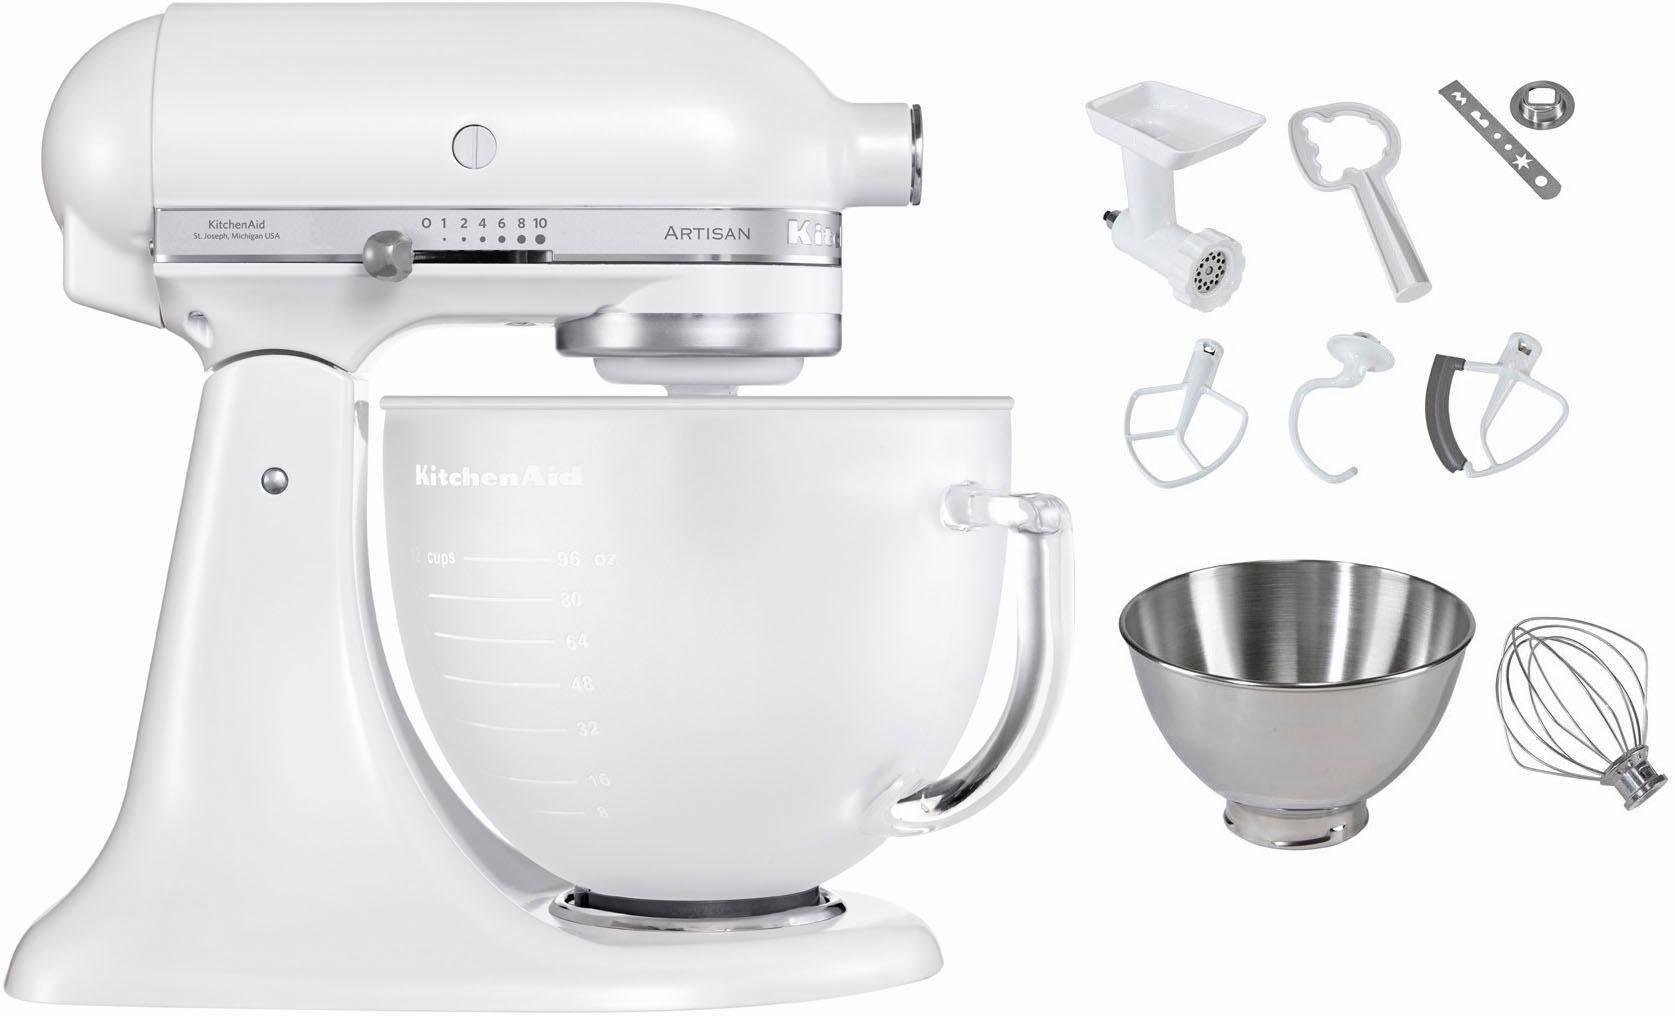 KitchenAid Küchenmaschine Artisan 5KSM156EFP, 300 W, 4,83 l Schüssel, inkl. Sonderzubehör im Wert von ca. 181,-€ UVP